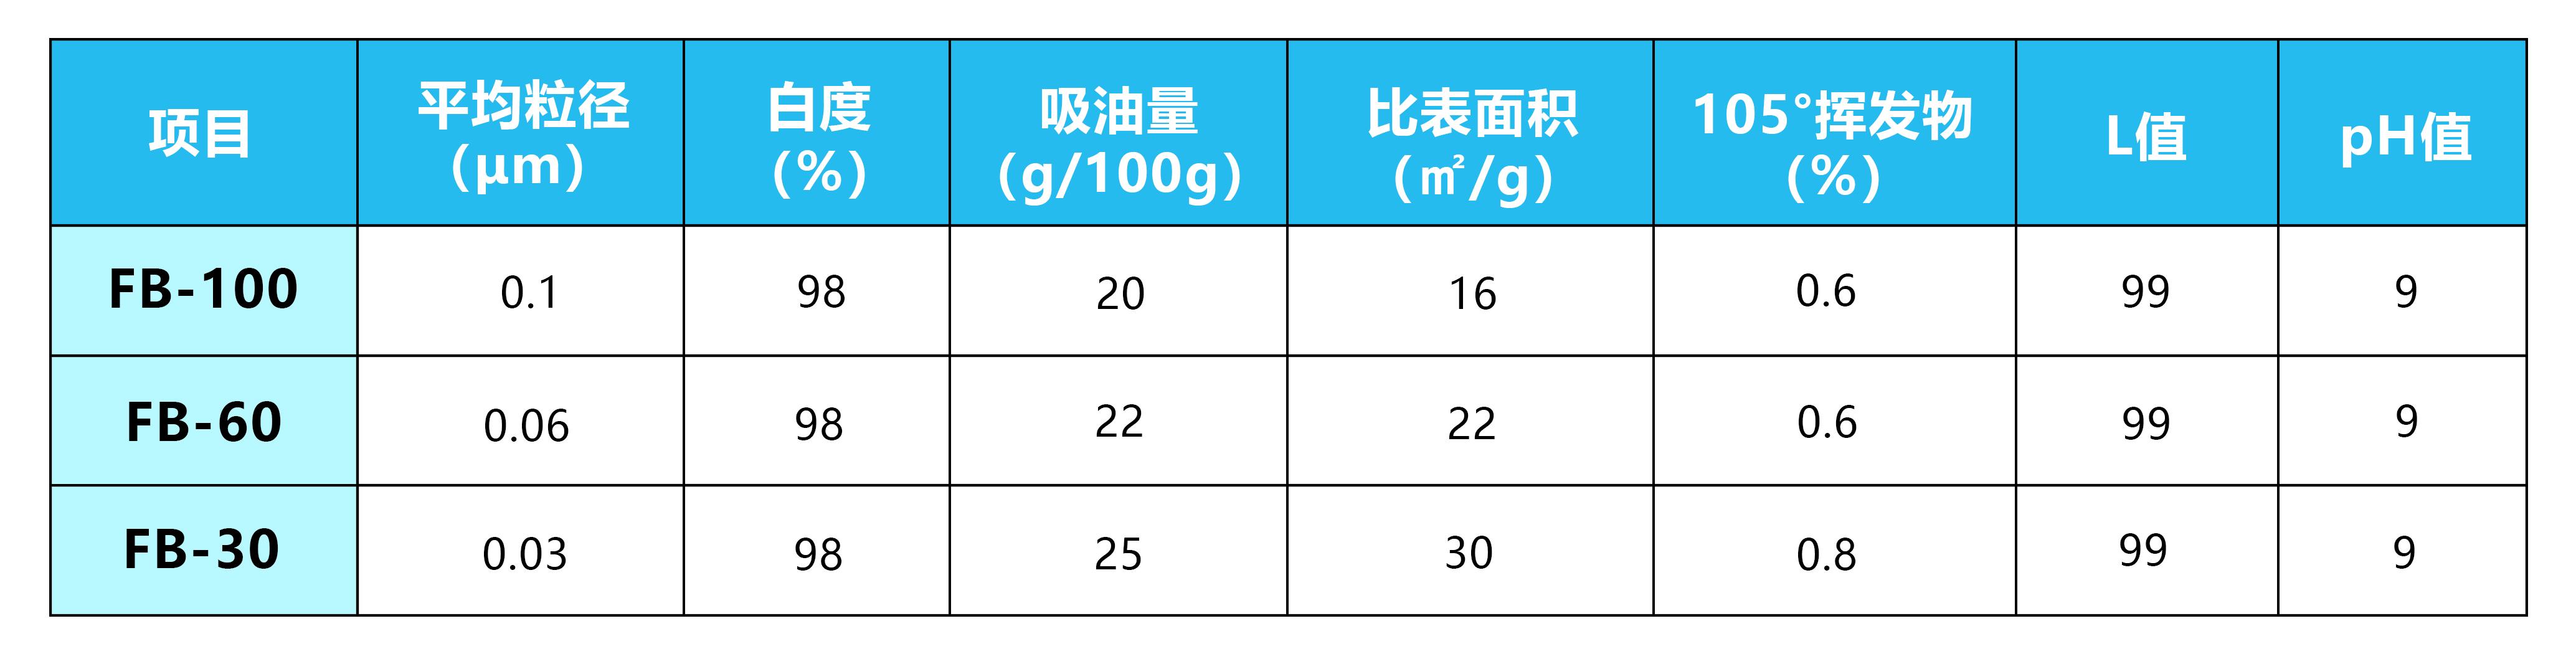 寰俊鍥剧墖_20201123114326.jpg